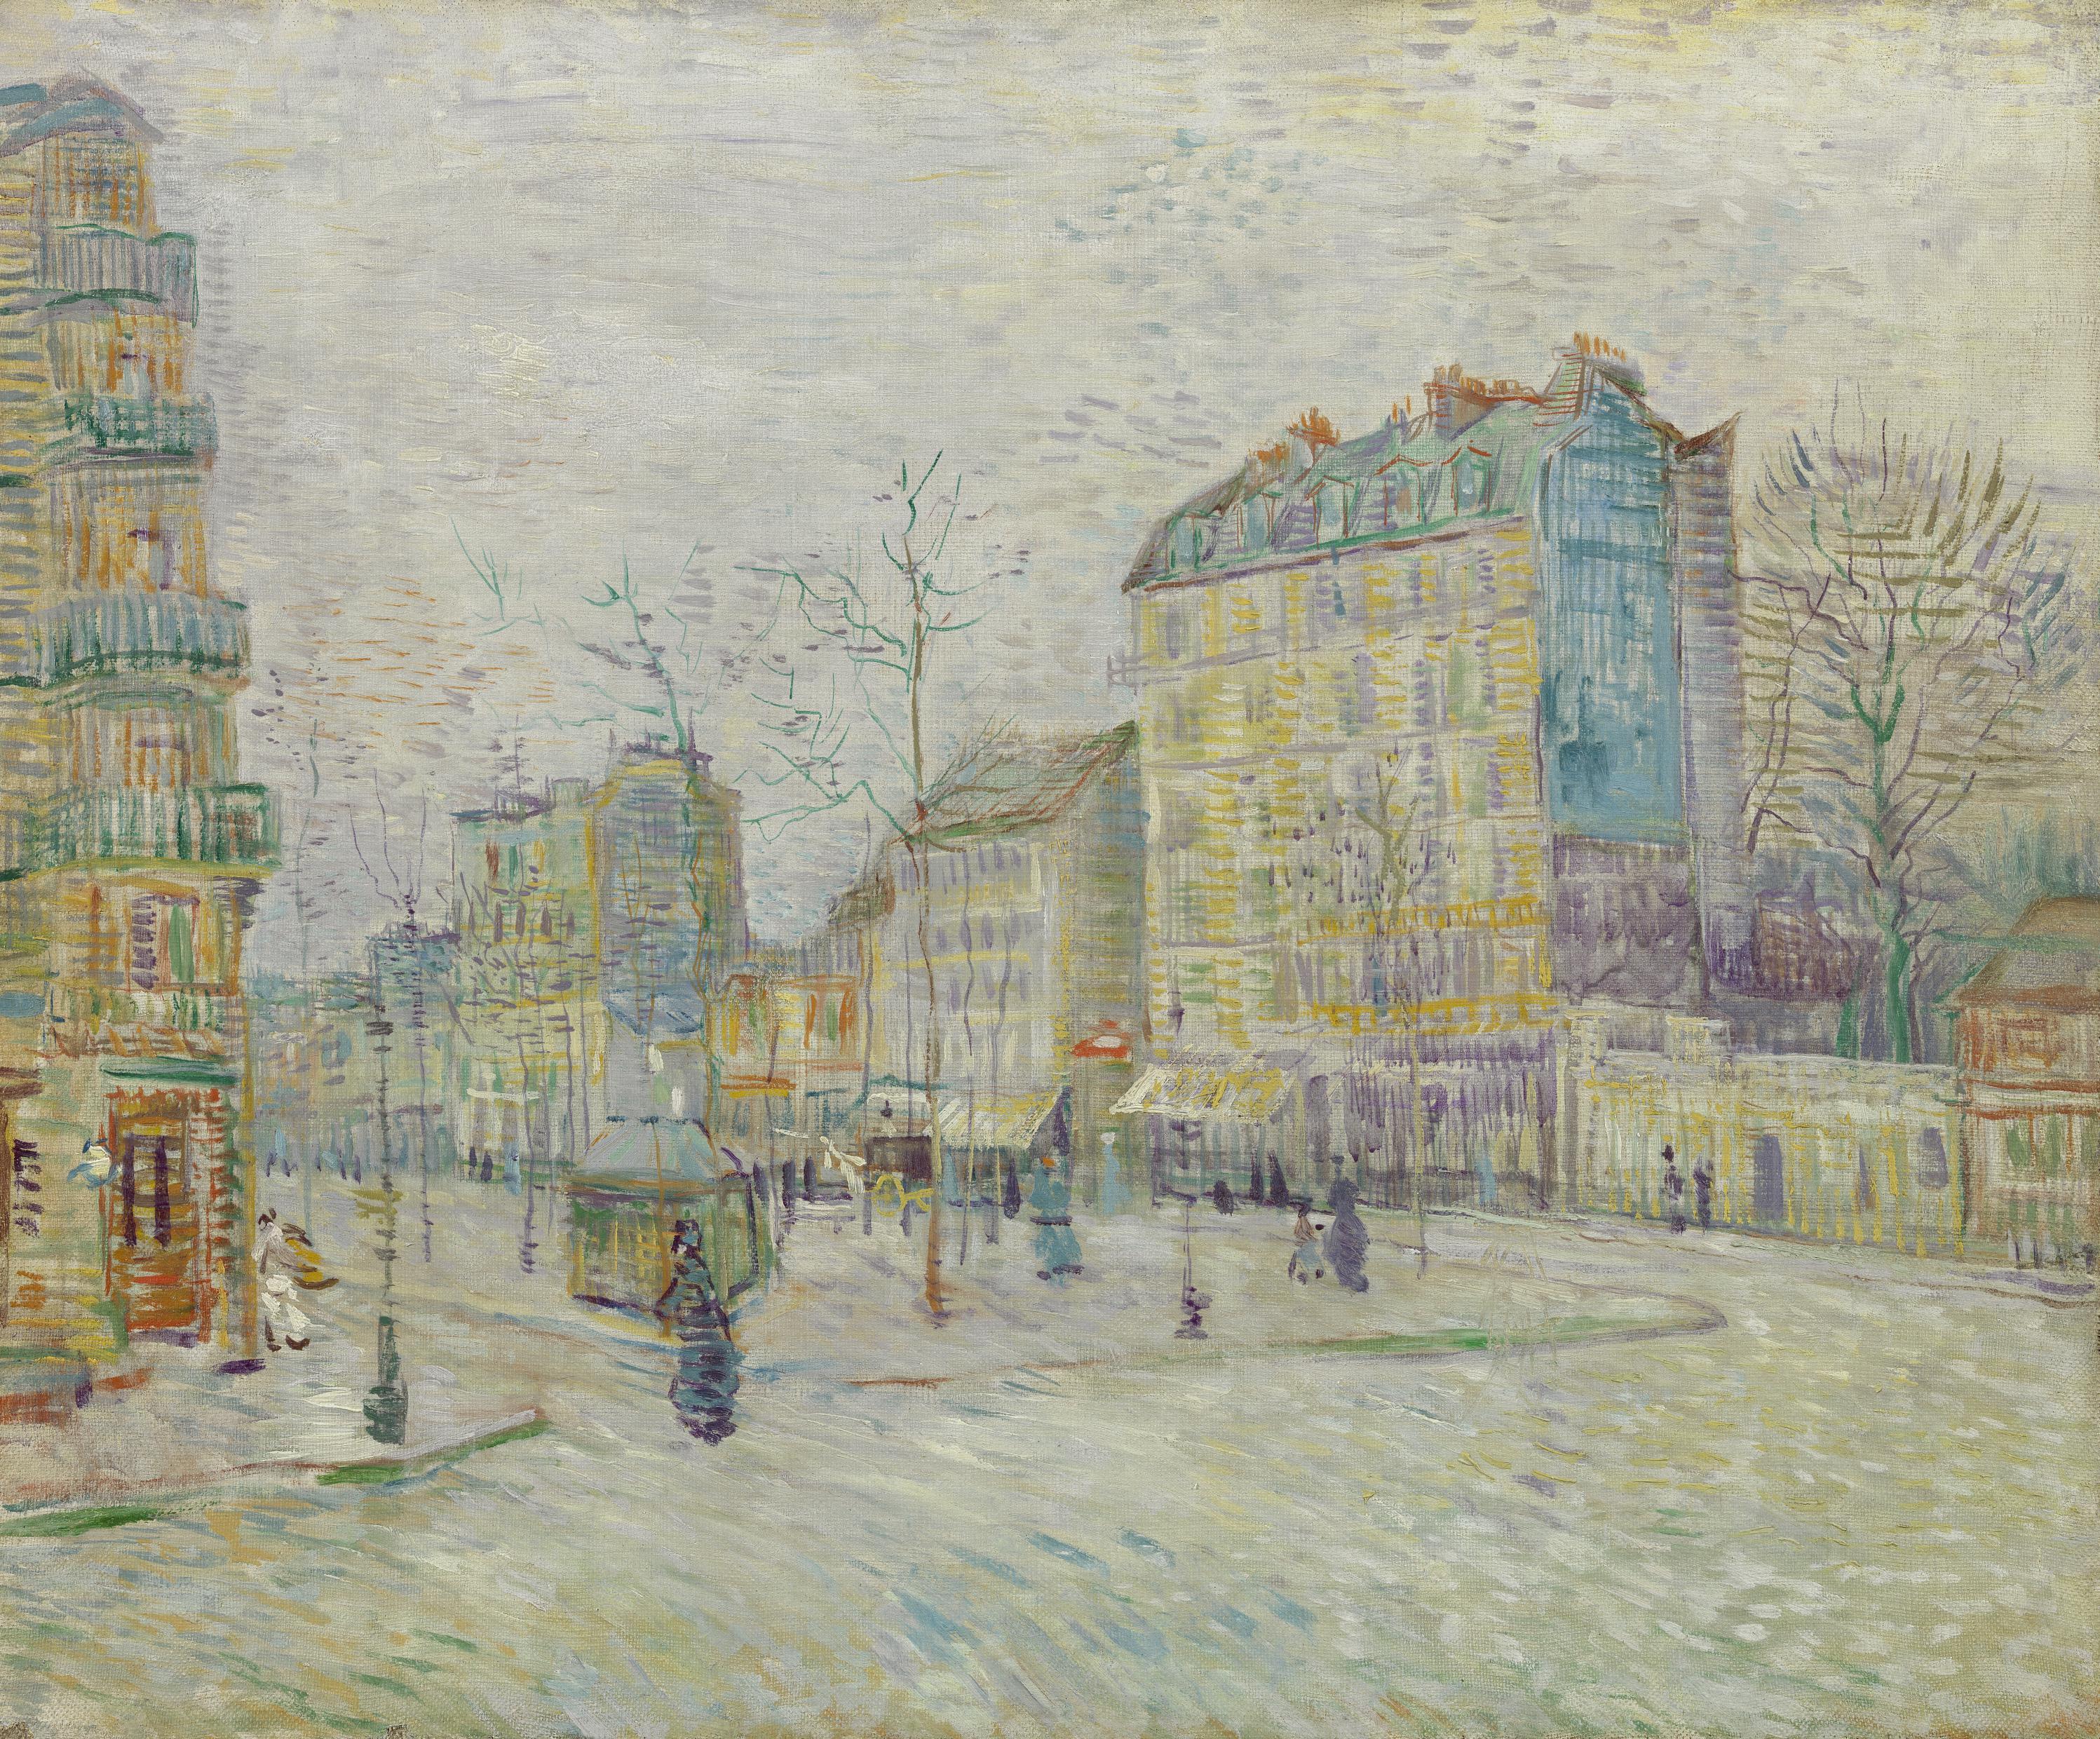 Boulevard de Clichy - Bgemalt von Vincent van Gogh, 1887